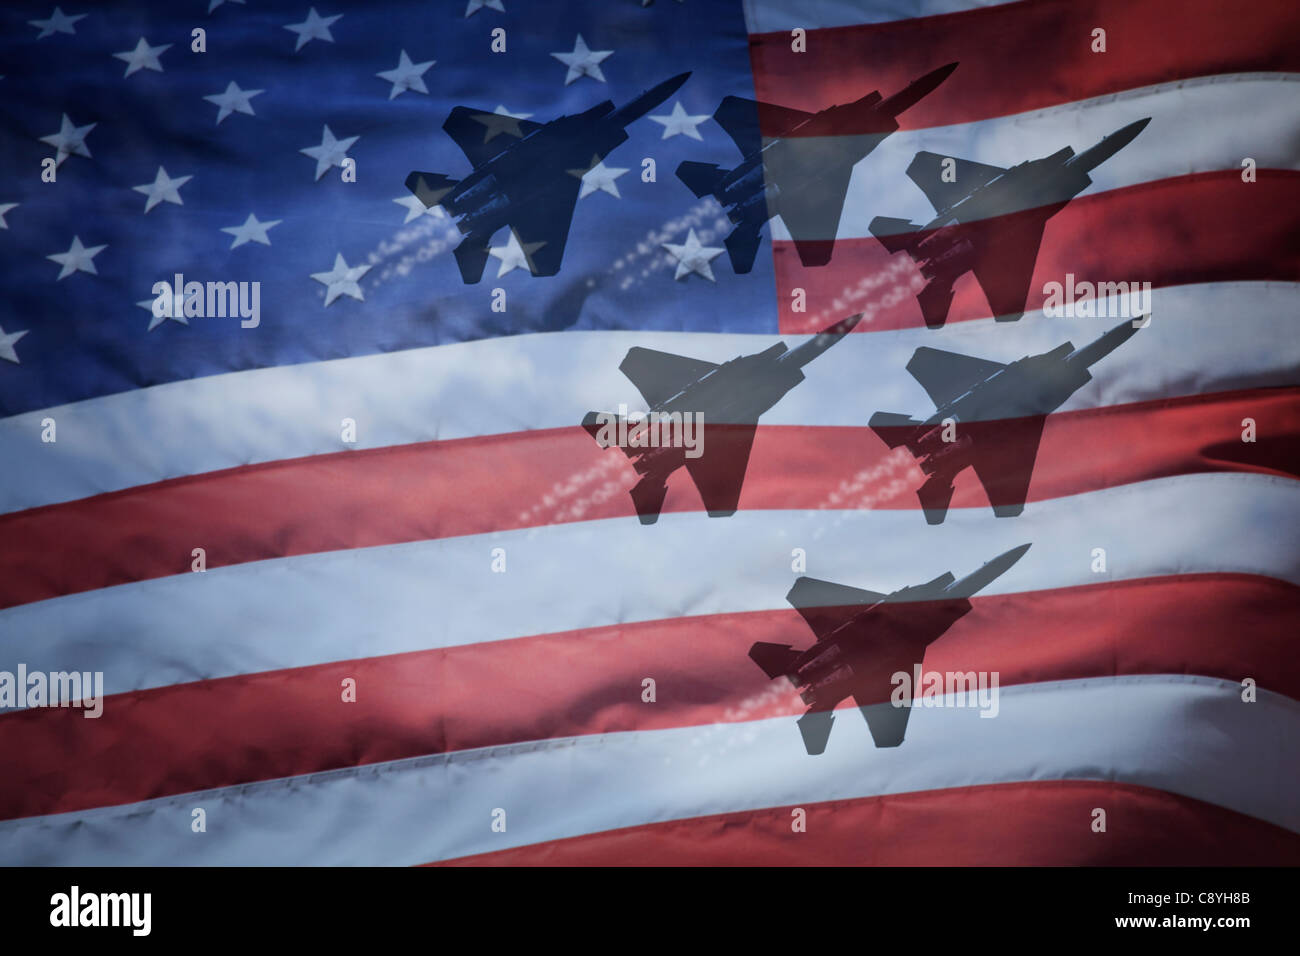 Close-up de drapeau américain avec des silhouettes d'avions F-16 Banque D'Images